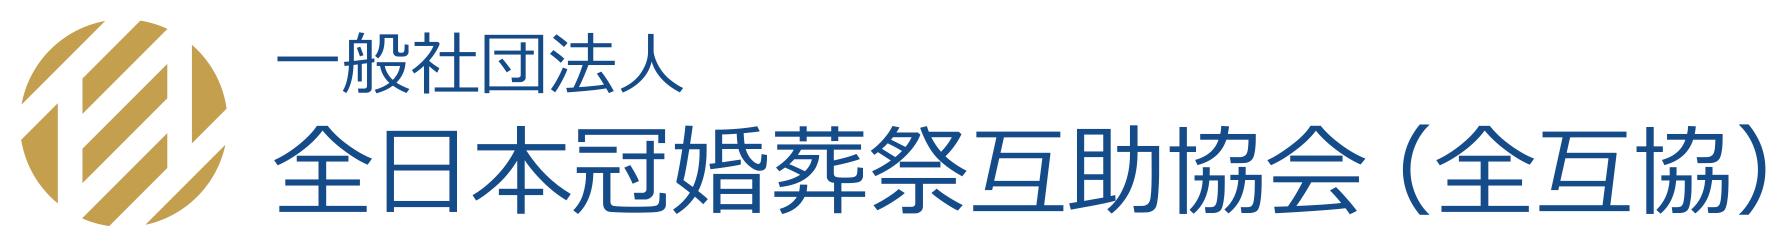 一般社団法人 全日本冠婚葬祭互助協会